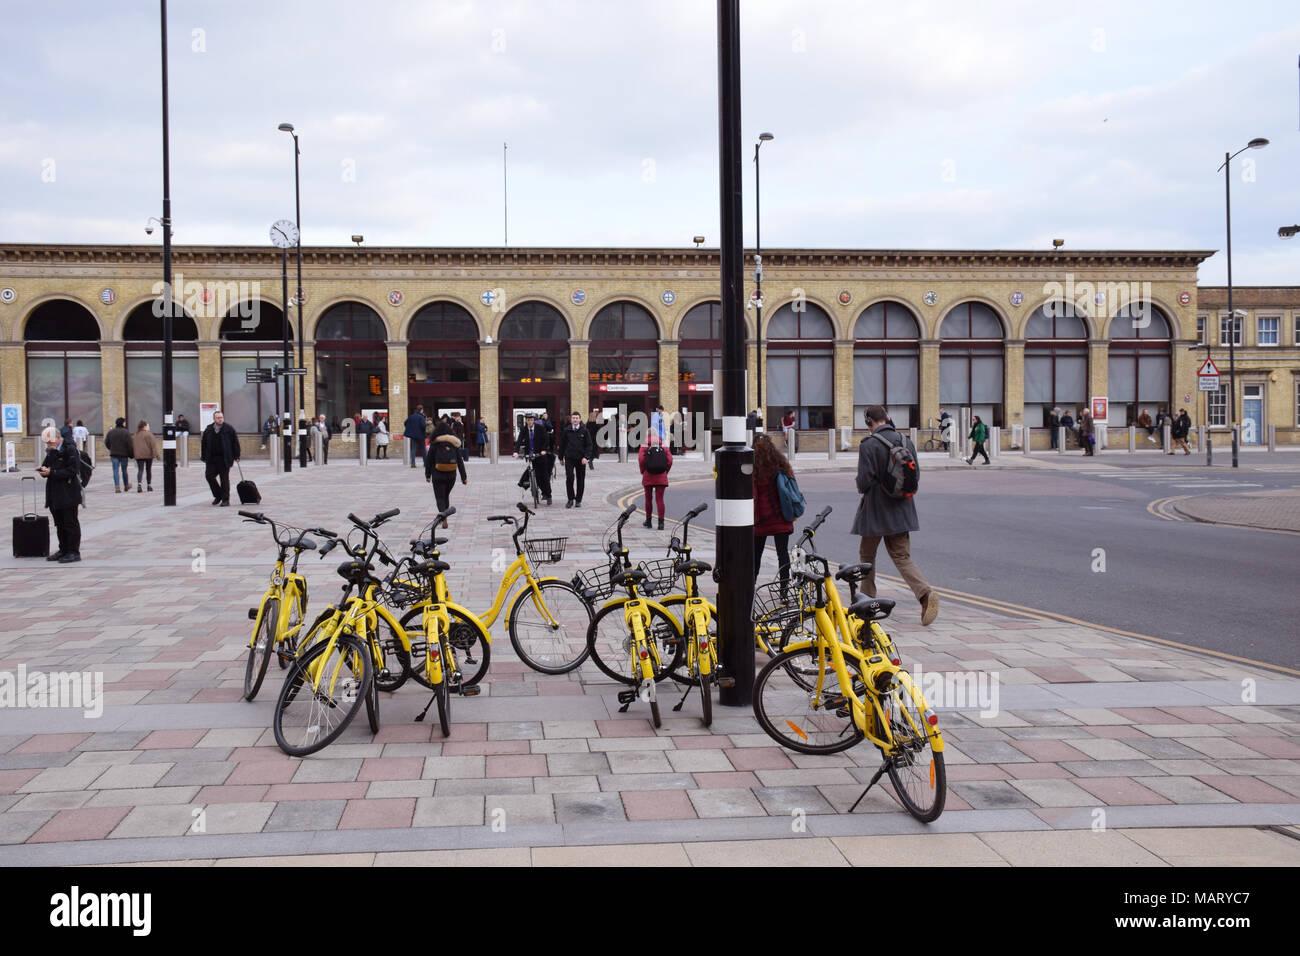 Service de location de vélos, Ofo Cambridge Station, mars 2018 Royaume-Uni. Ofo est la première plate-forme de partage de vélos dockless, collaboration à un app Photo Stock